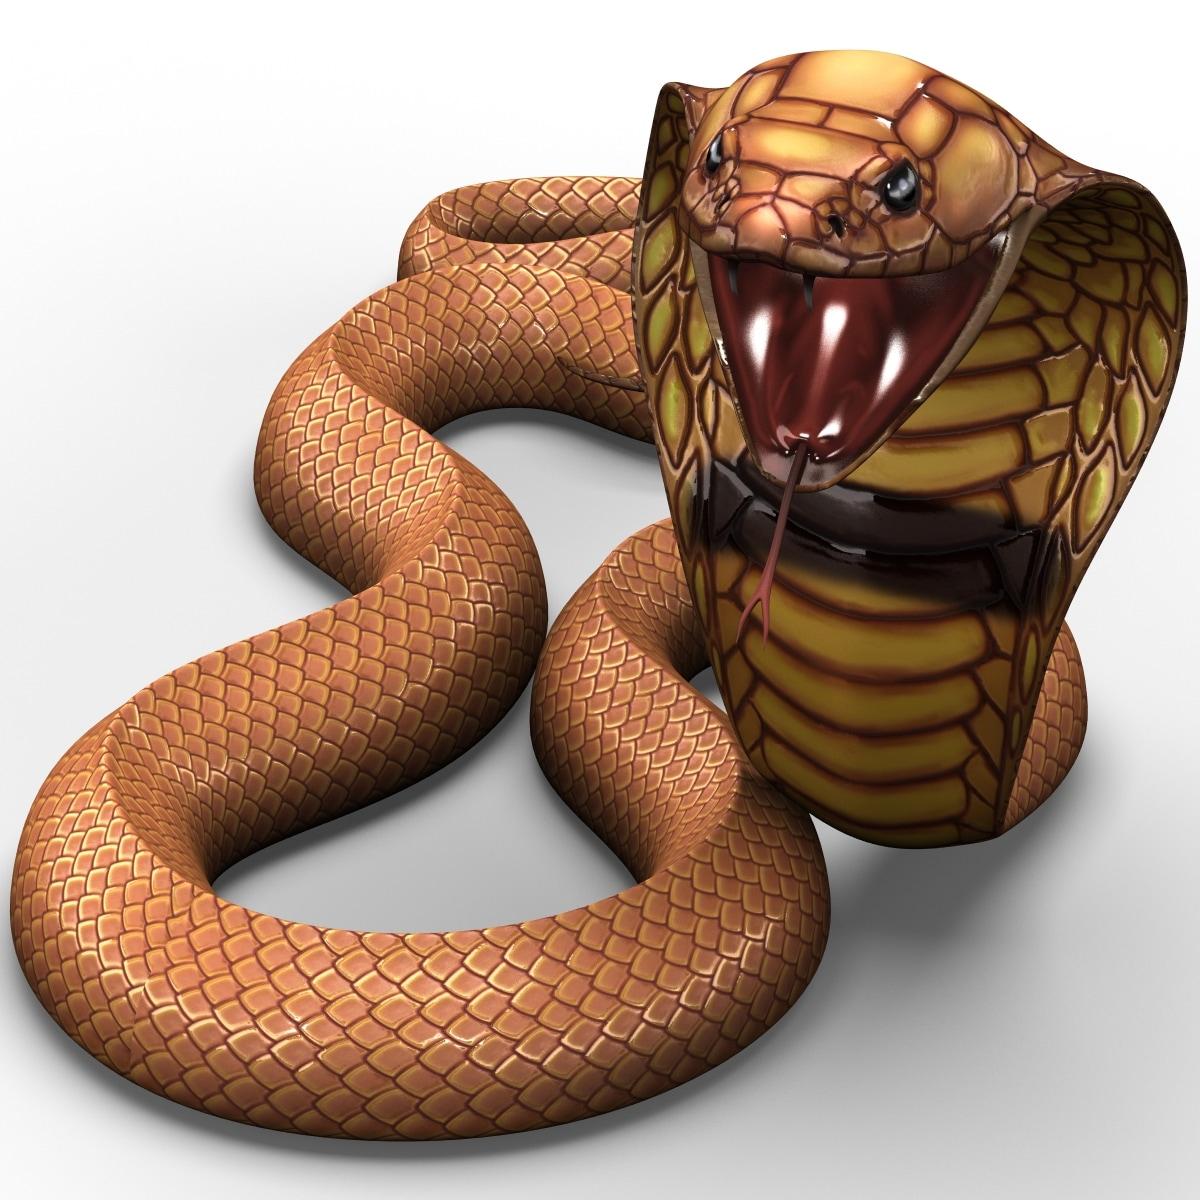 Snake_Cobra_Pose_6_001.jpg